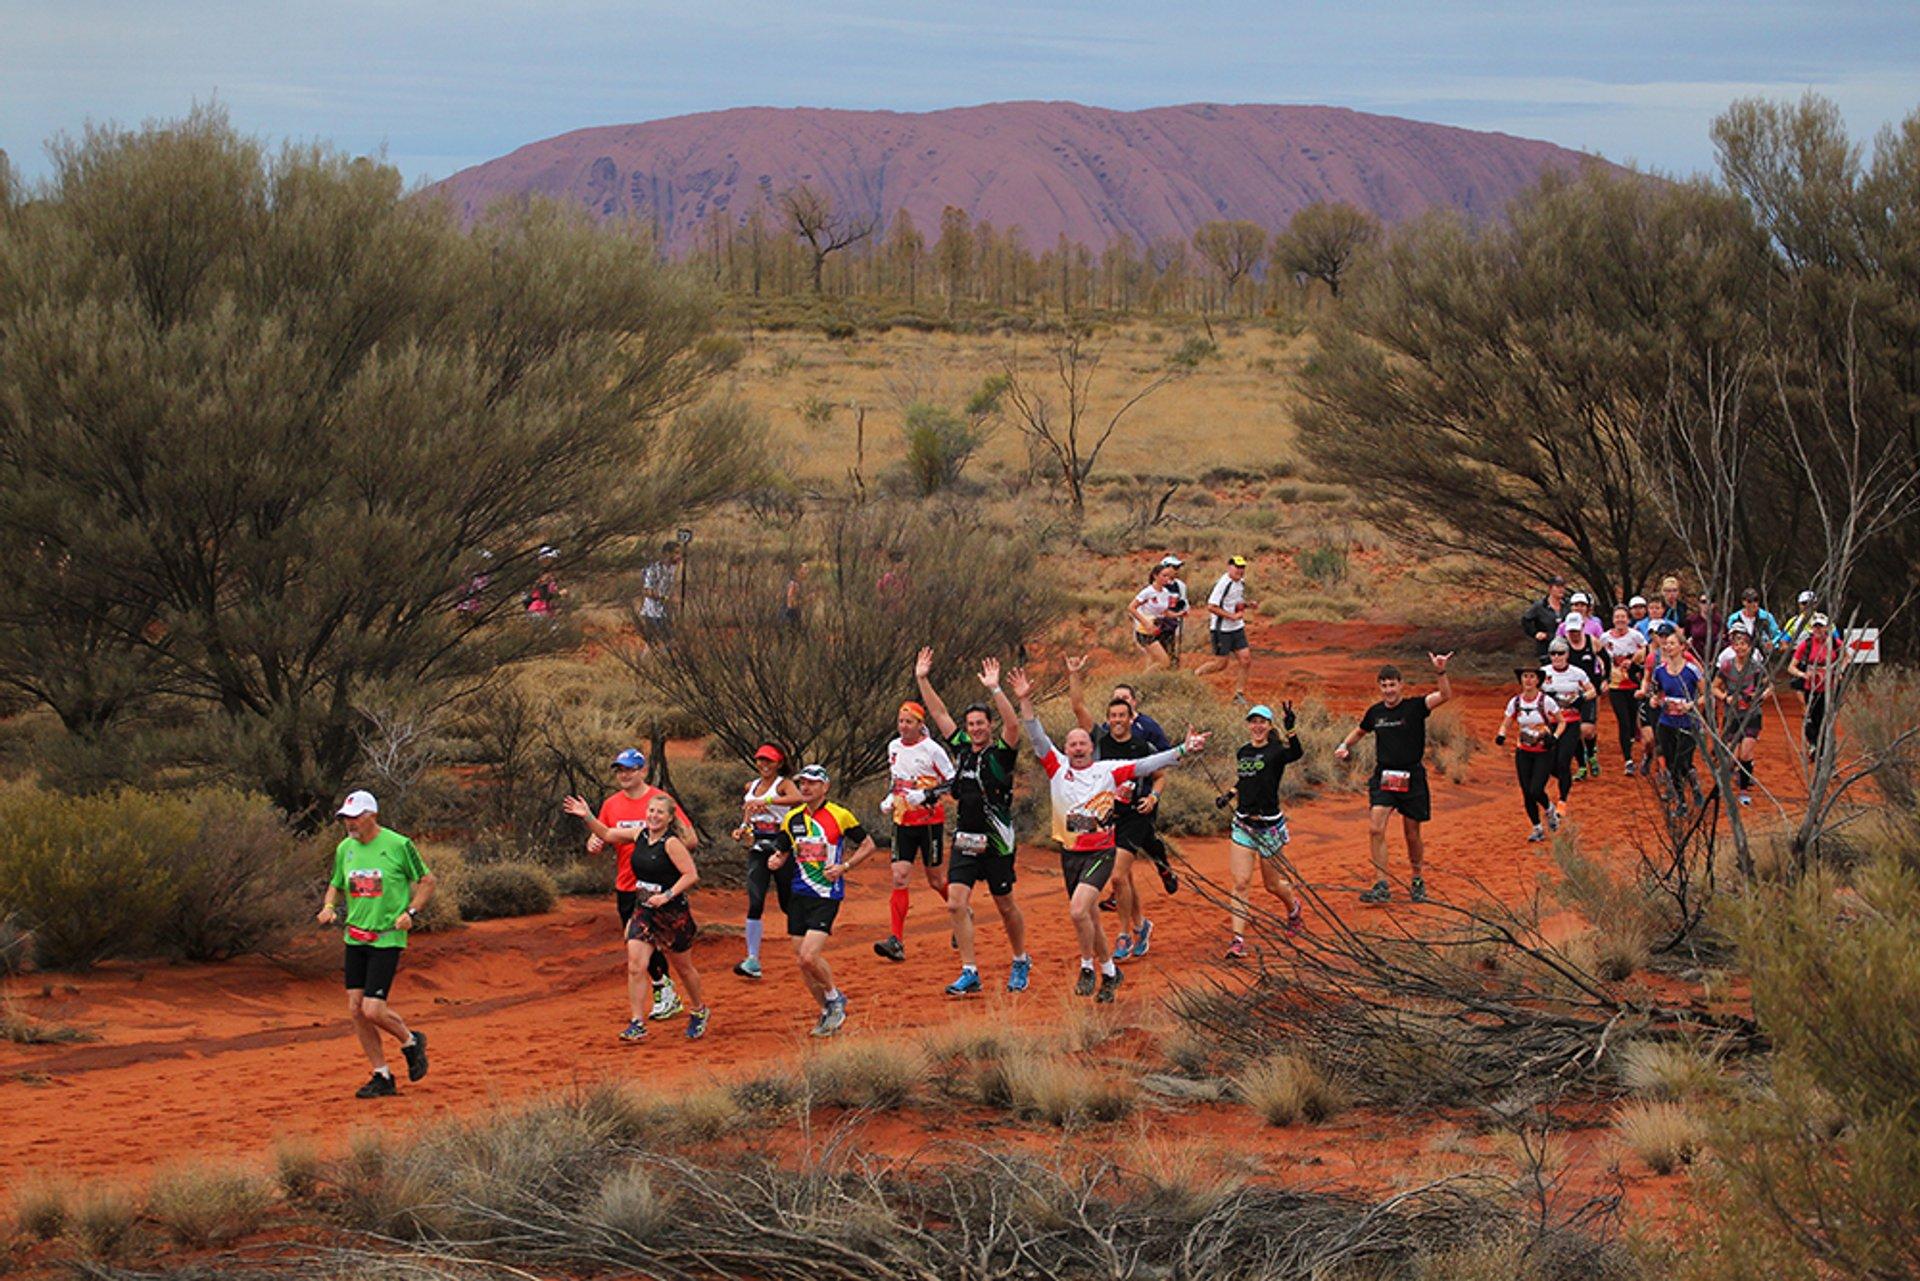 Best time for Australian Outback Marathon in Australia 2020